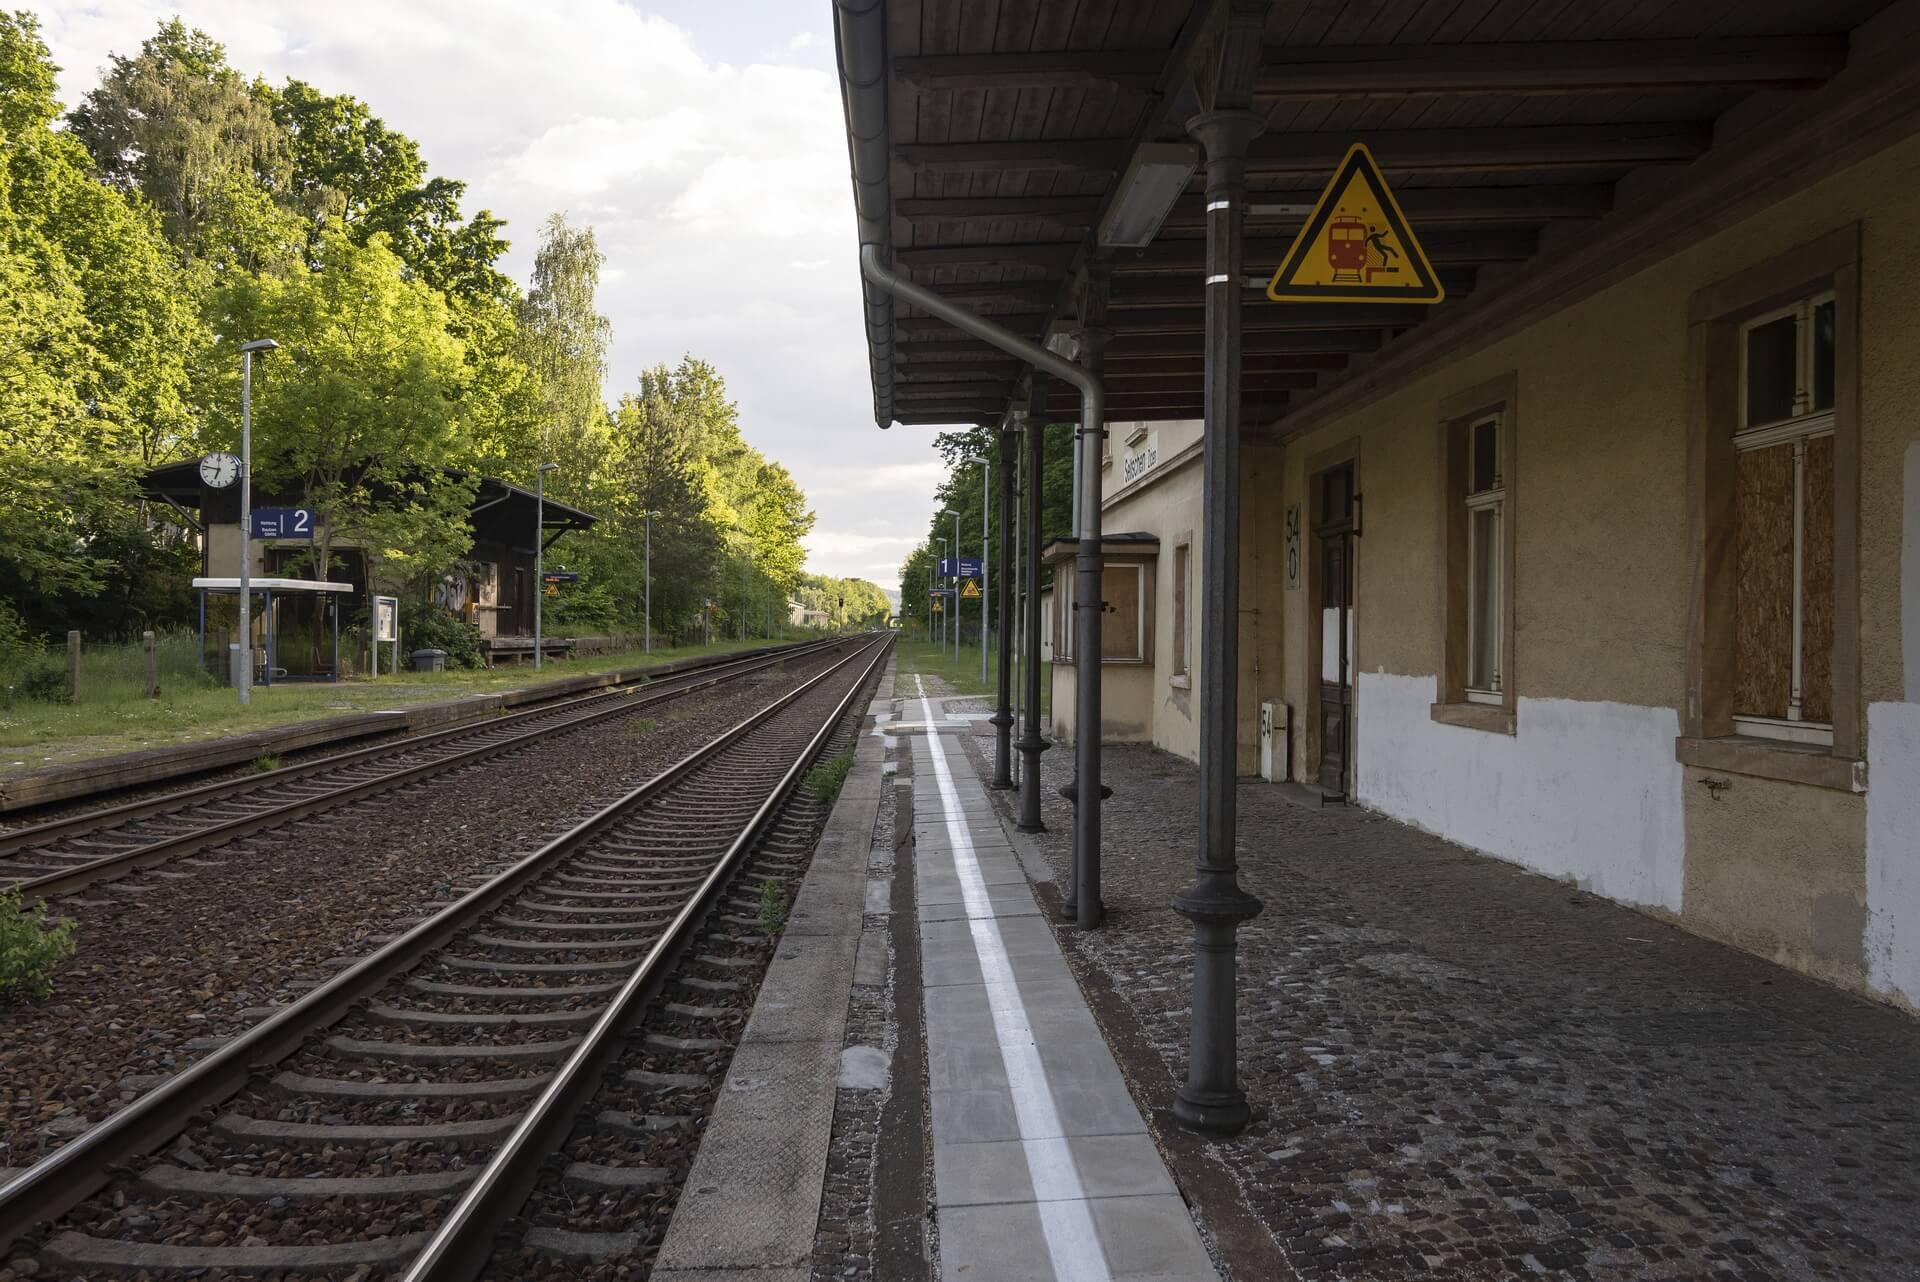 Seitschen, Bahnhof